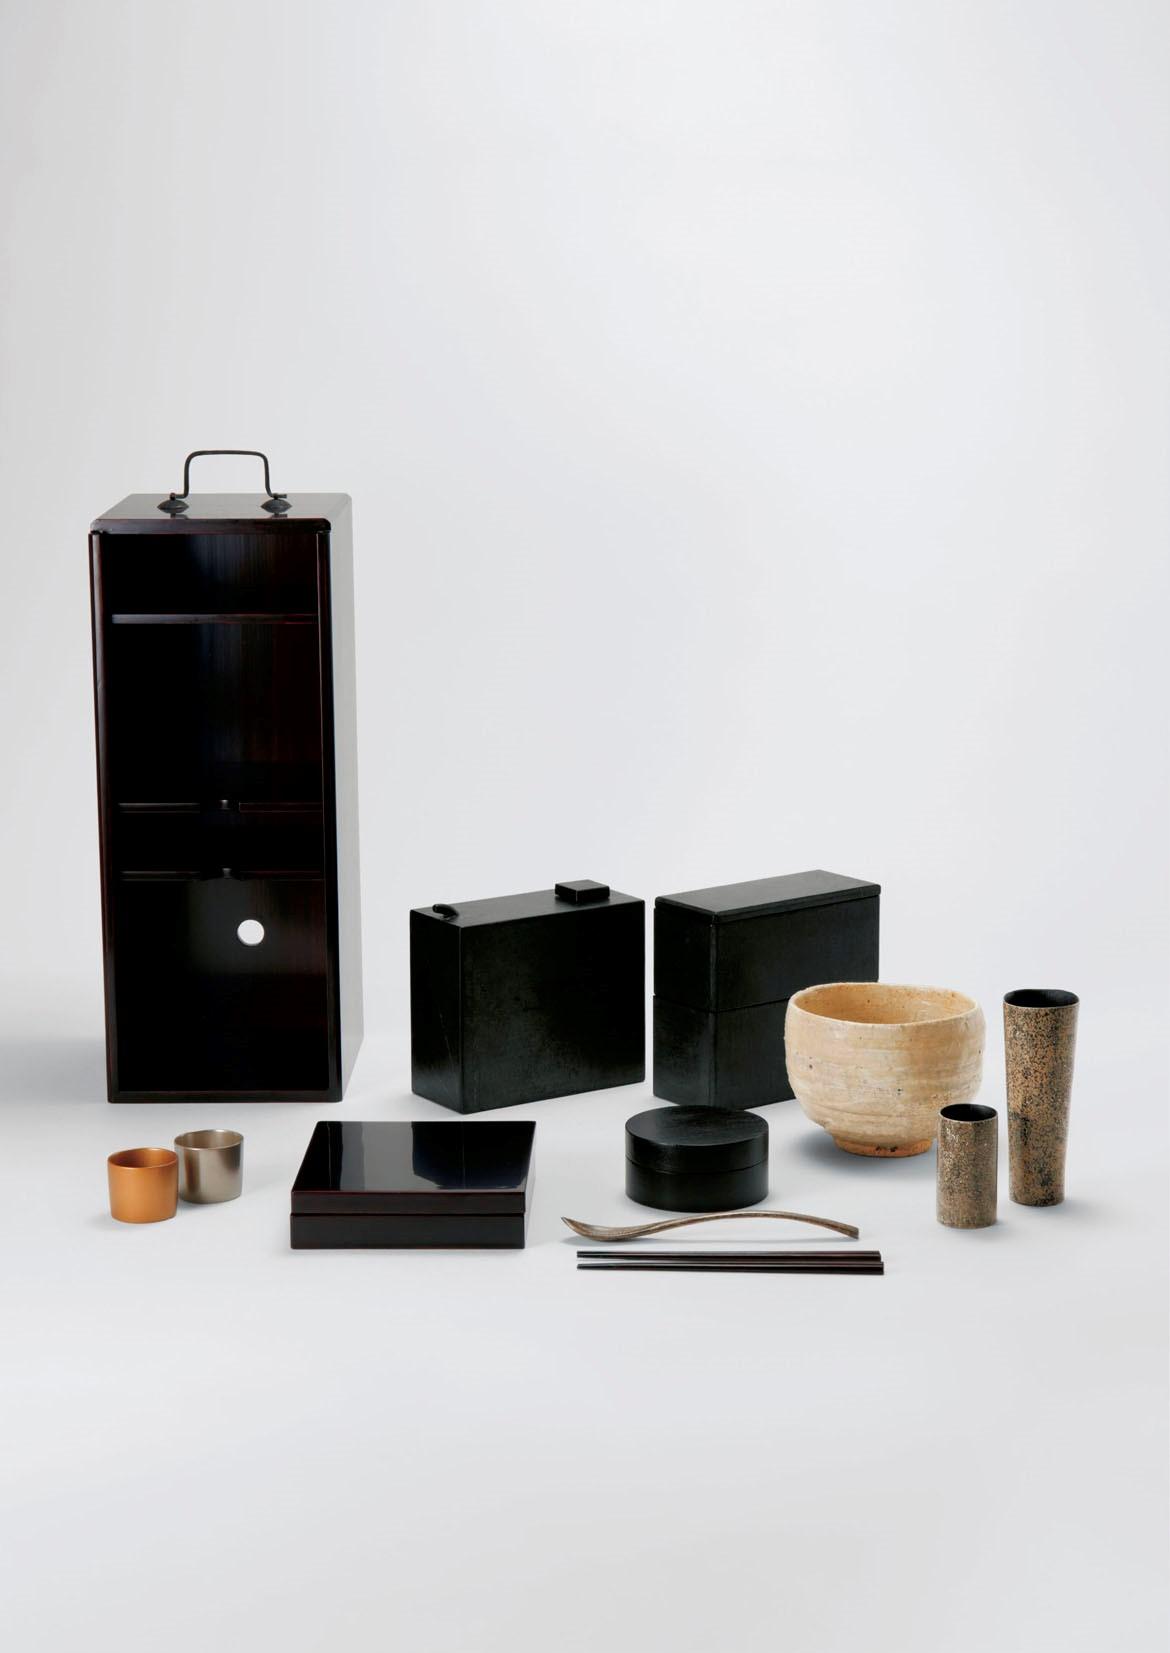 Akagi Akito: Objects for Tea